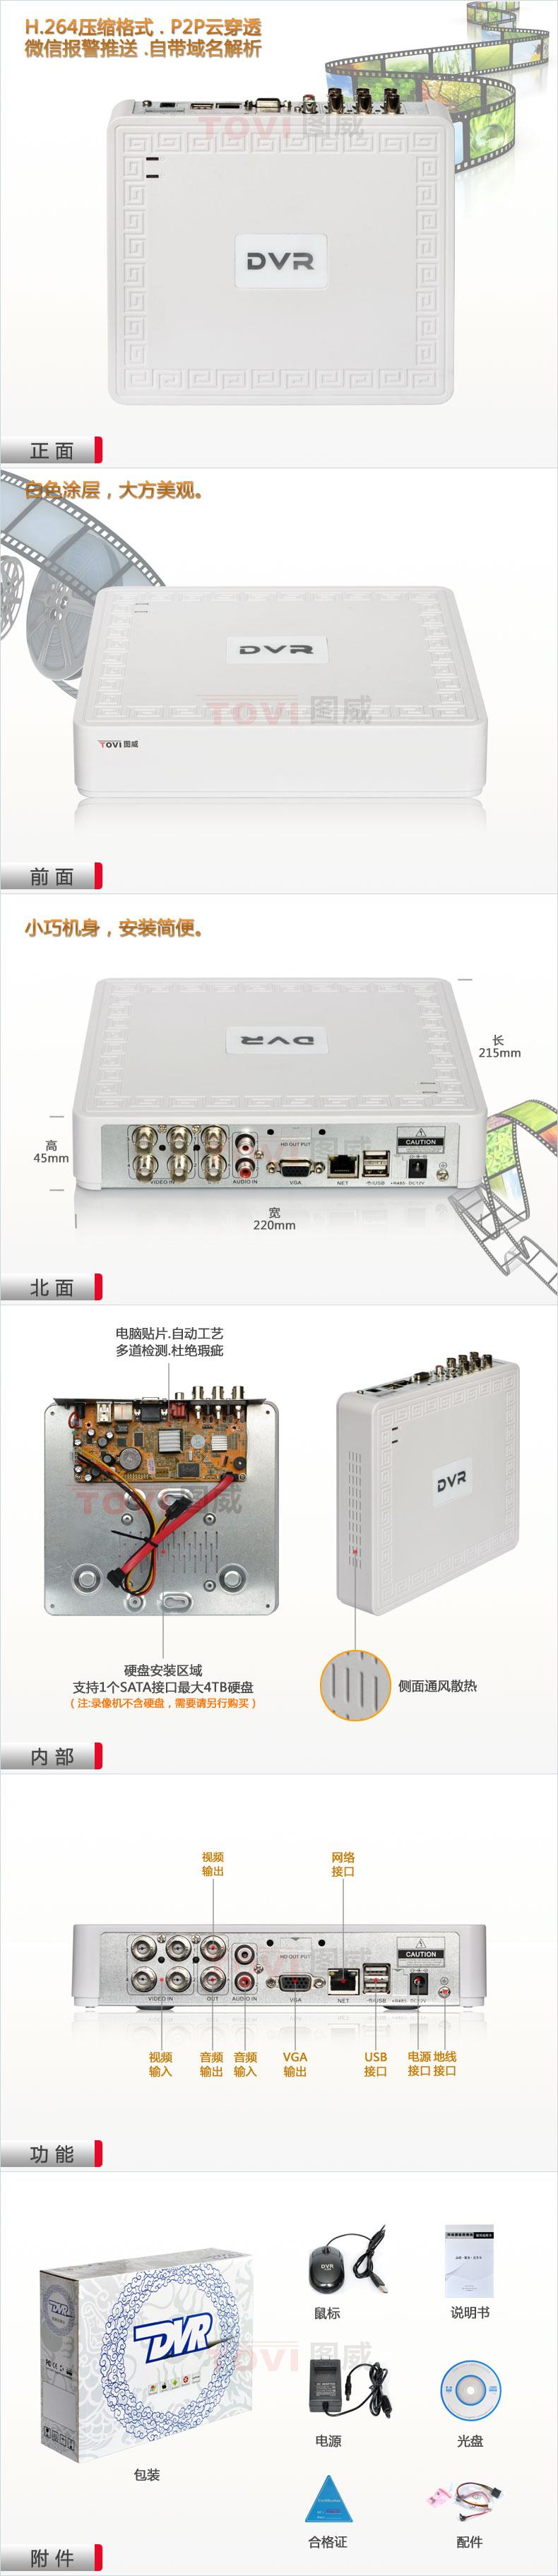 图威TV-DVR1104硬盘录像机产品展示